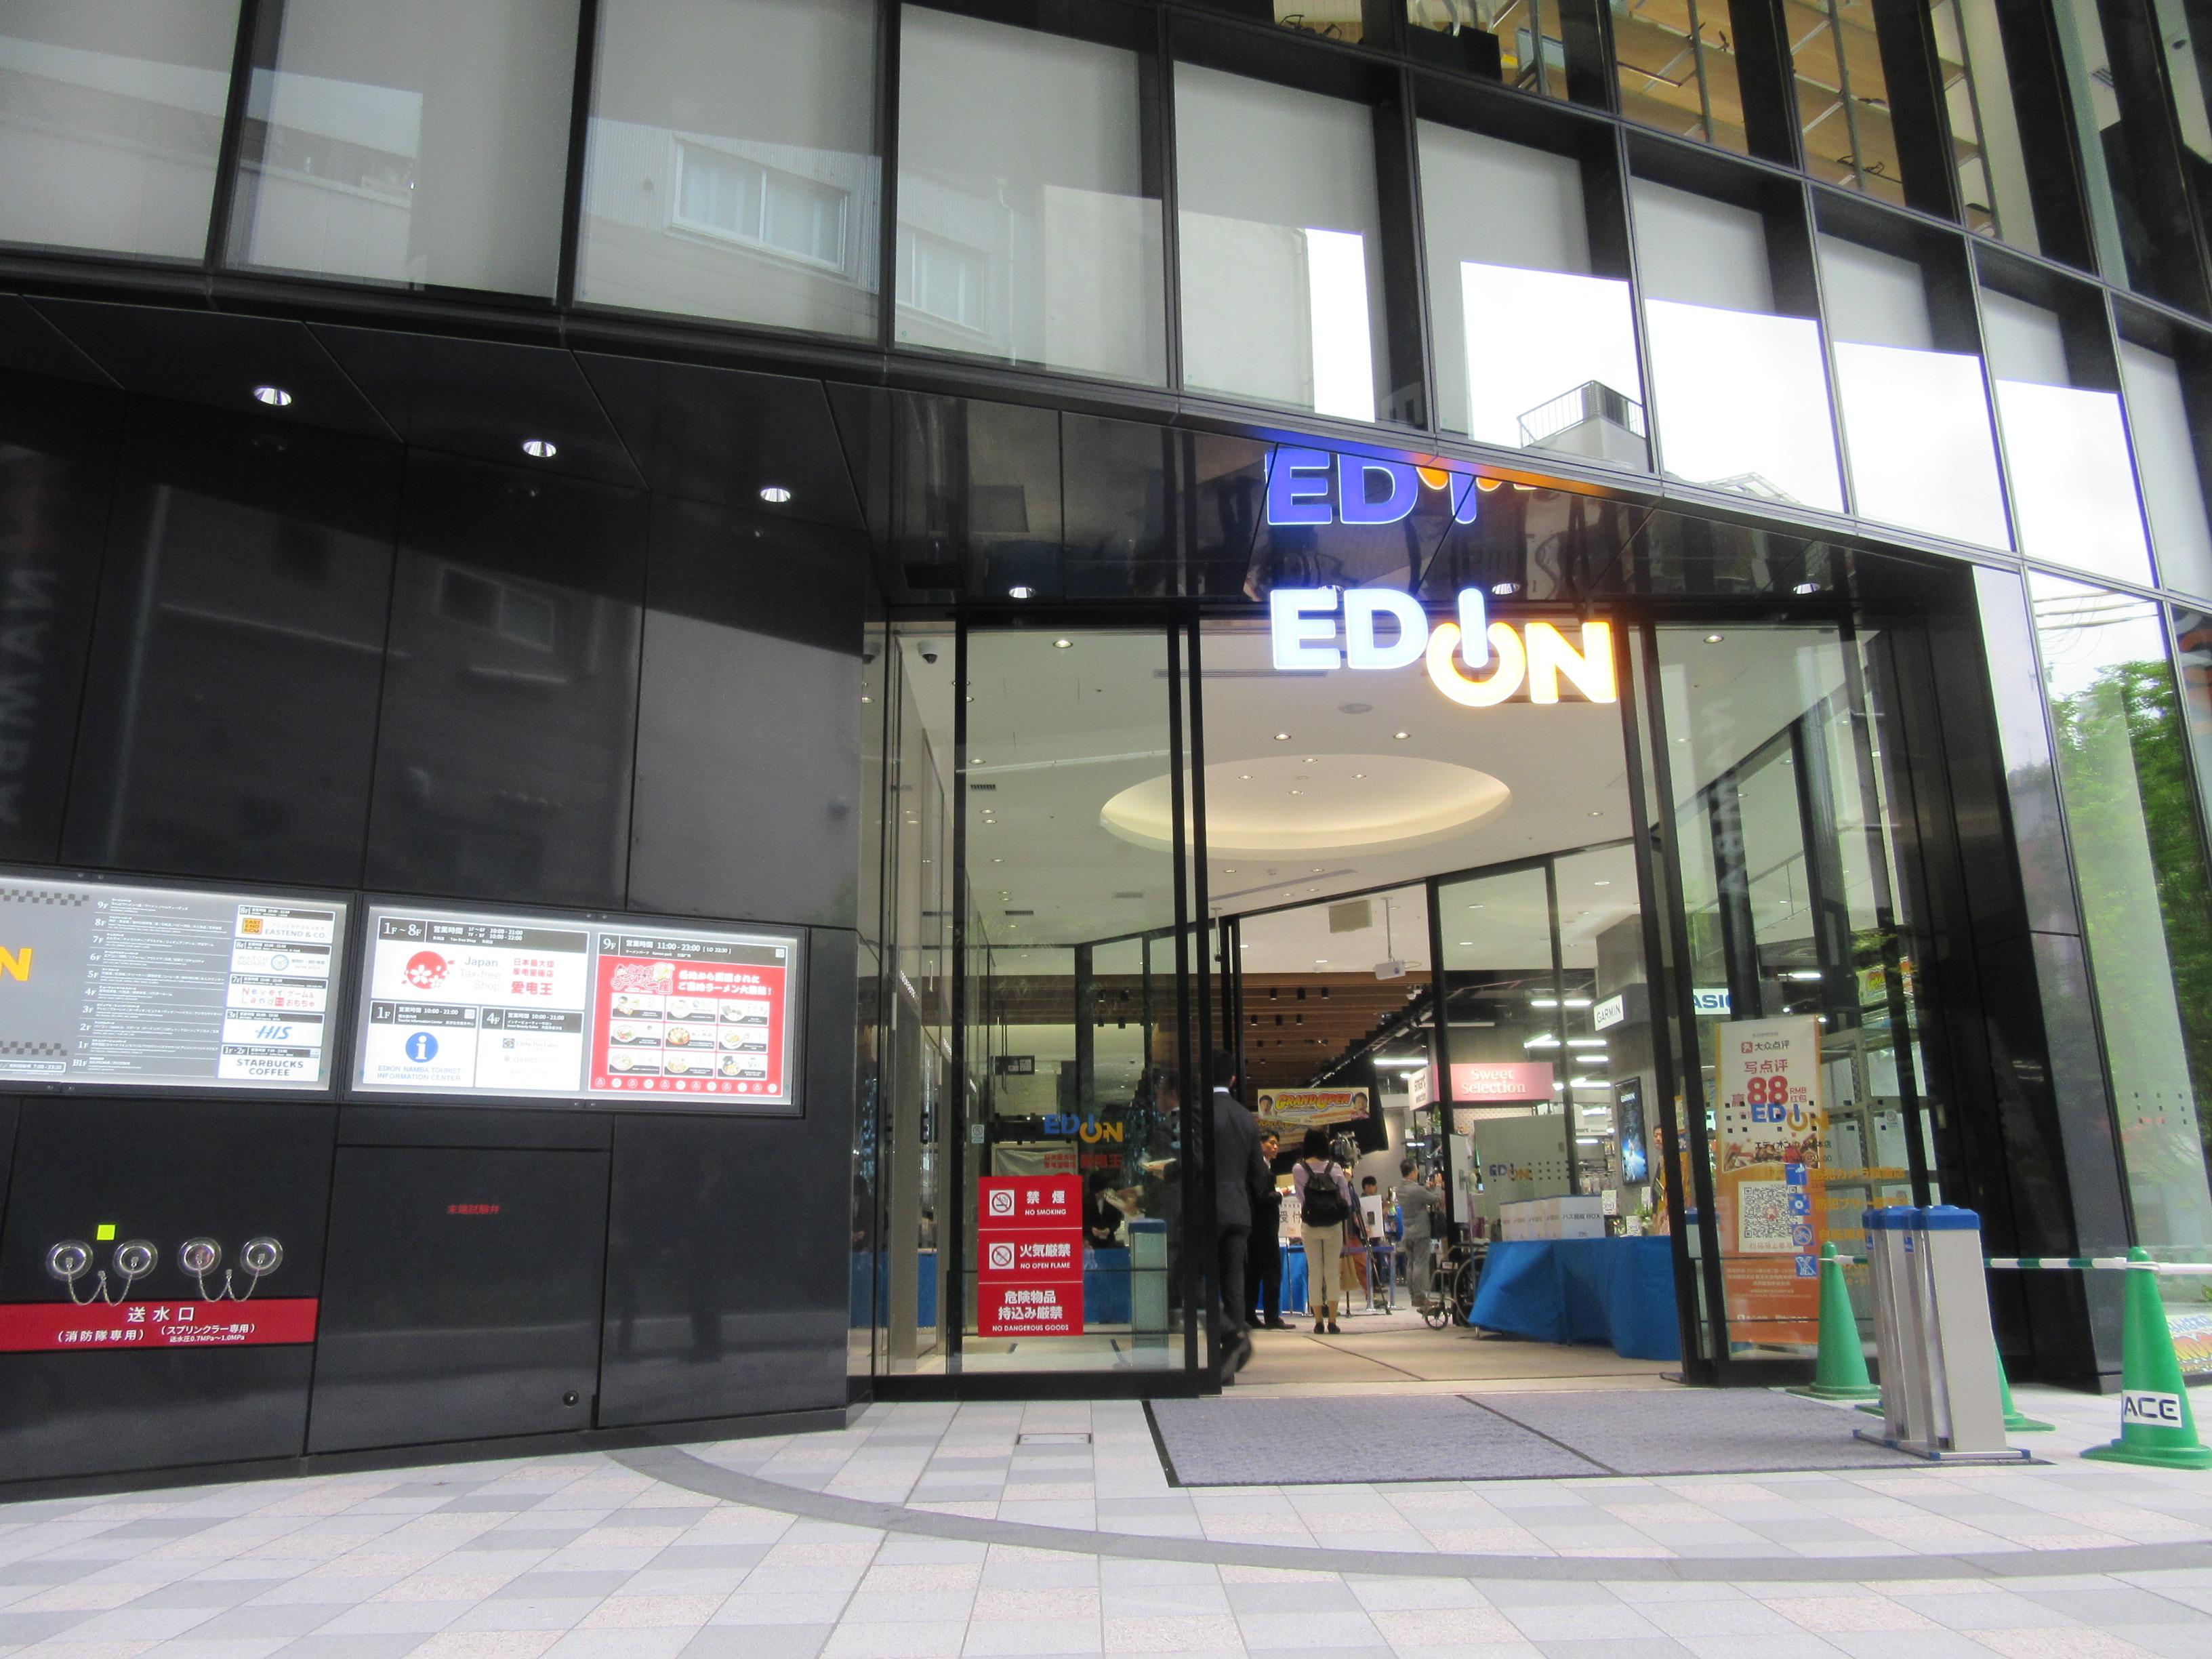 戎橋筋と南海通の2つの商店街の間に、なんば本店のメインエントランスがある